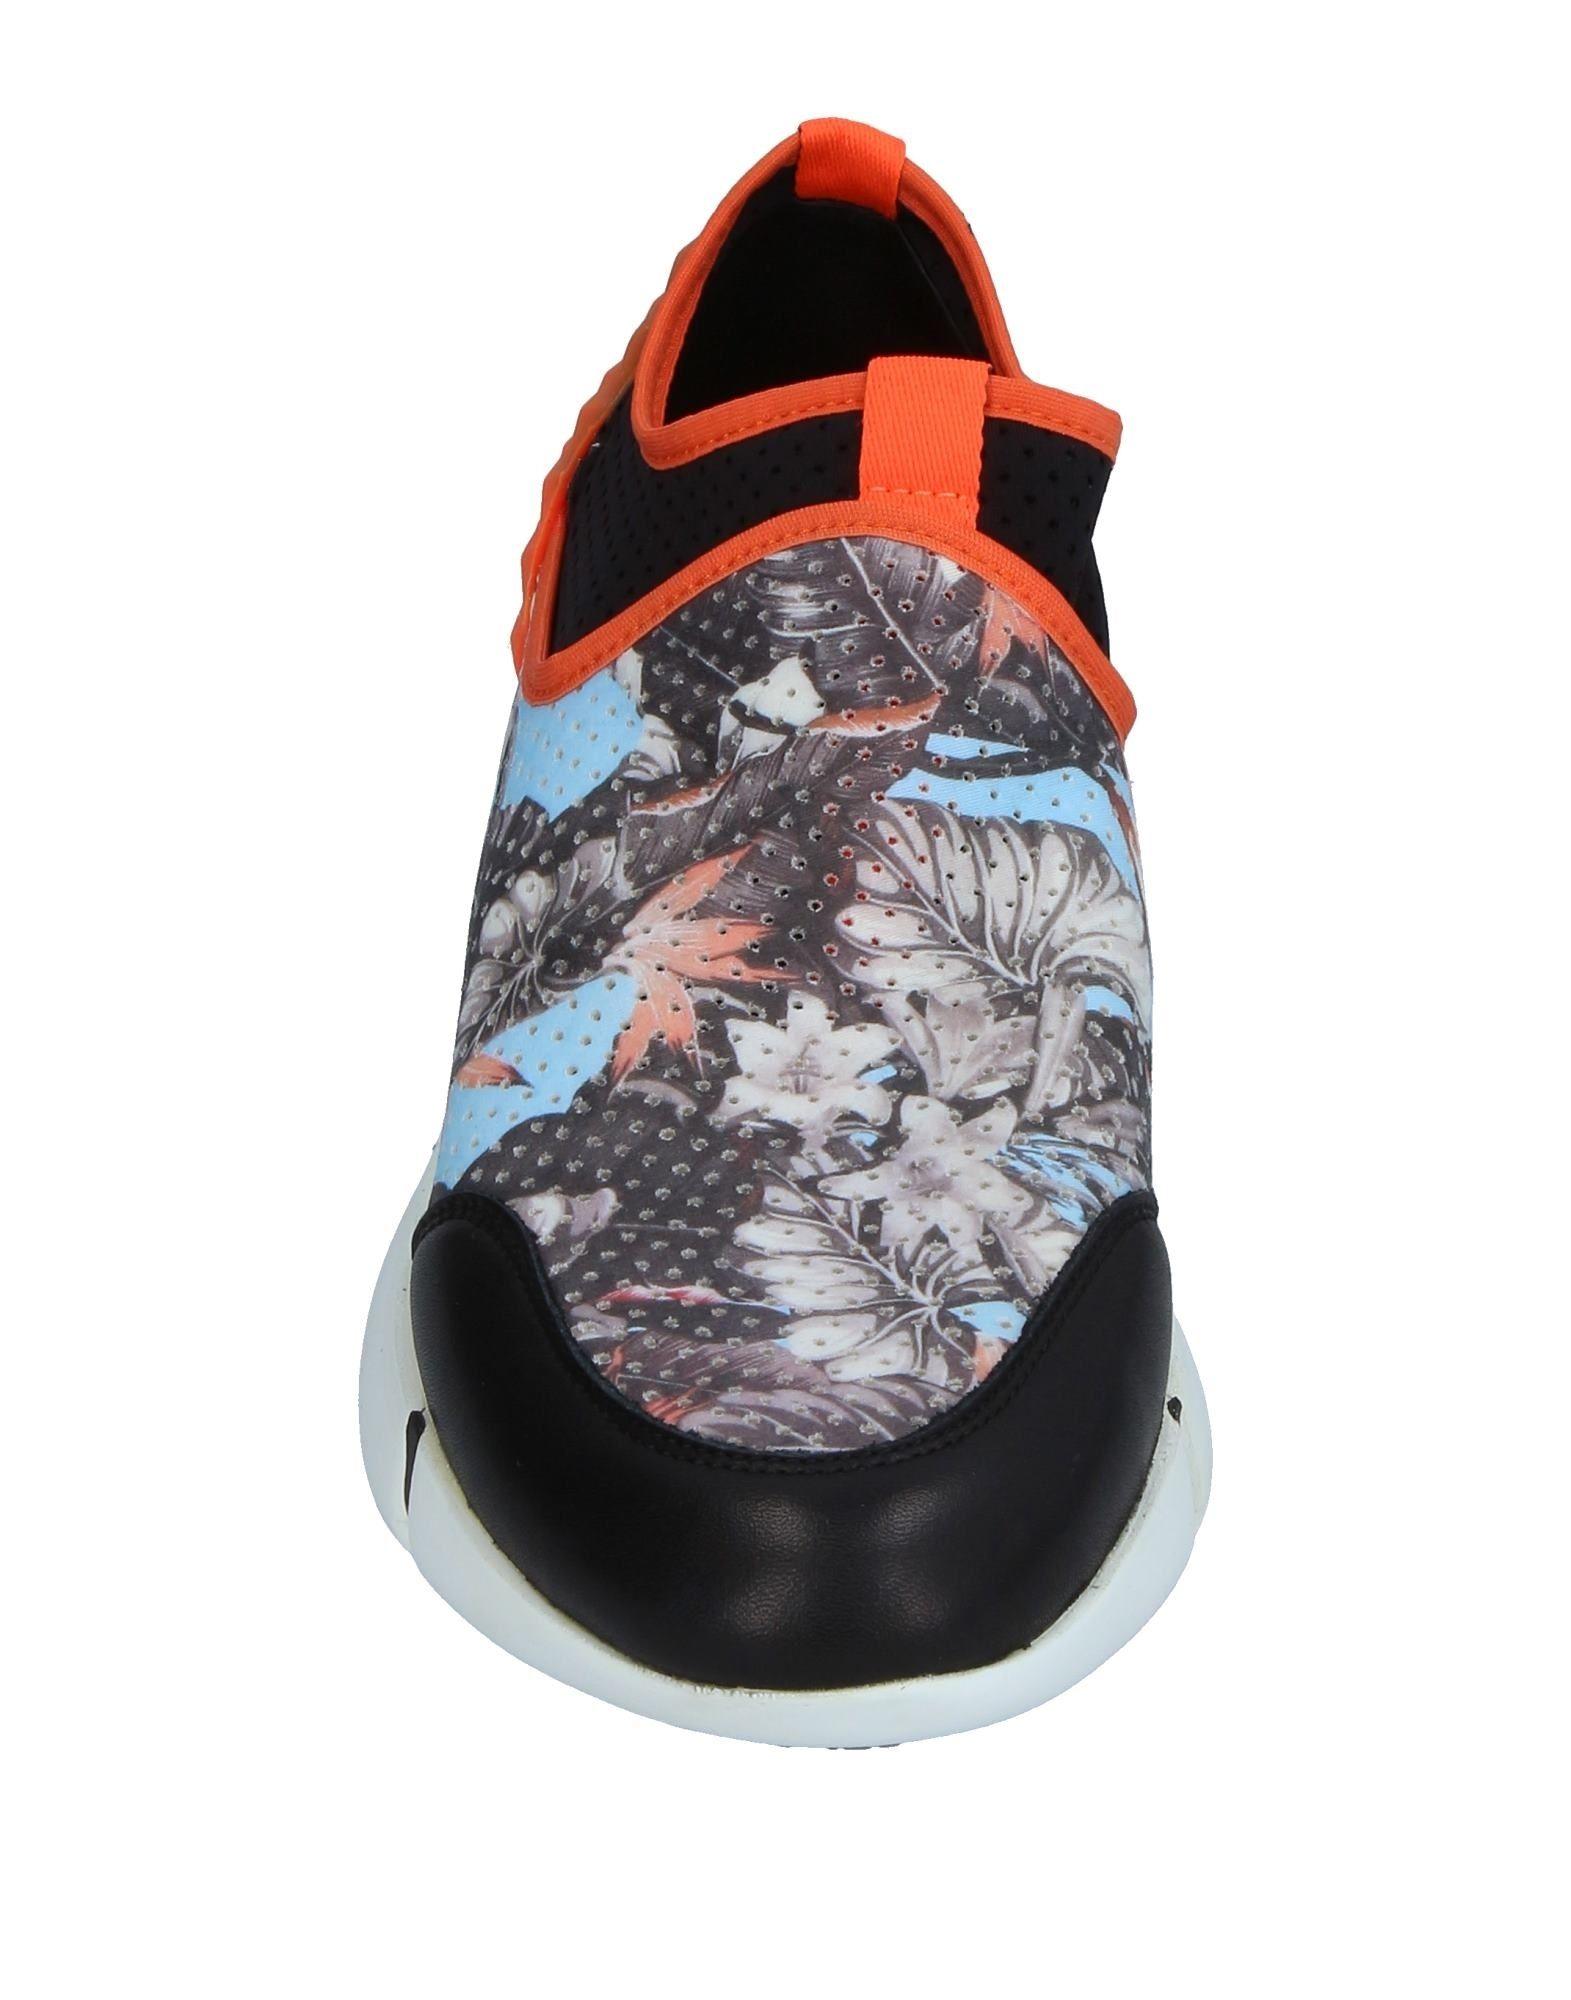 Stilvolle Iachi billige Schuhe Elena Iachi Stilvolle Sneakers Damen  11274708NV 2673c7